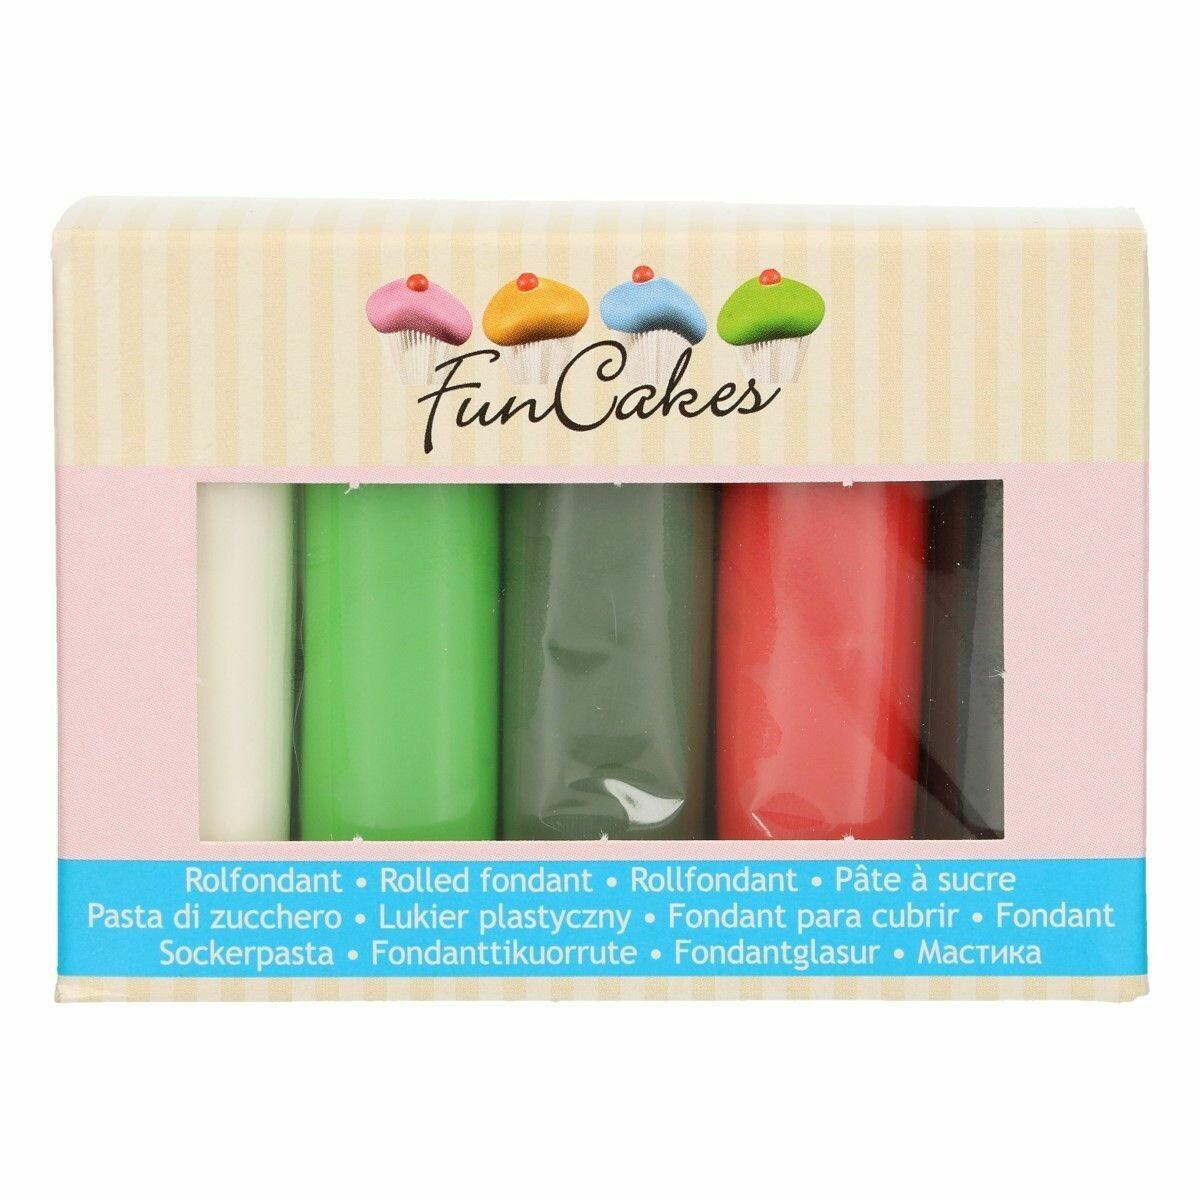 FunCakes Fondant -CHRISTMAS MUTIPACK 5x100g - Ζαχαρόπαστα 5 χρώματα - Λευκό, Μαύρο, Ανοιχτό και Σκούρο Πράσινο και Κόκκινο